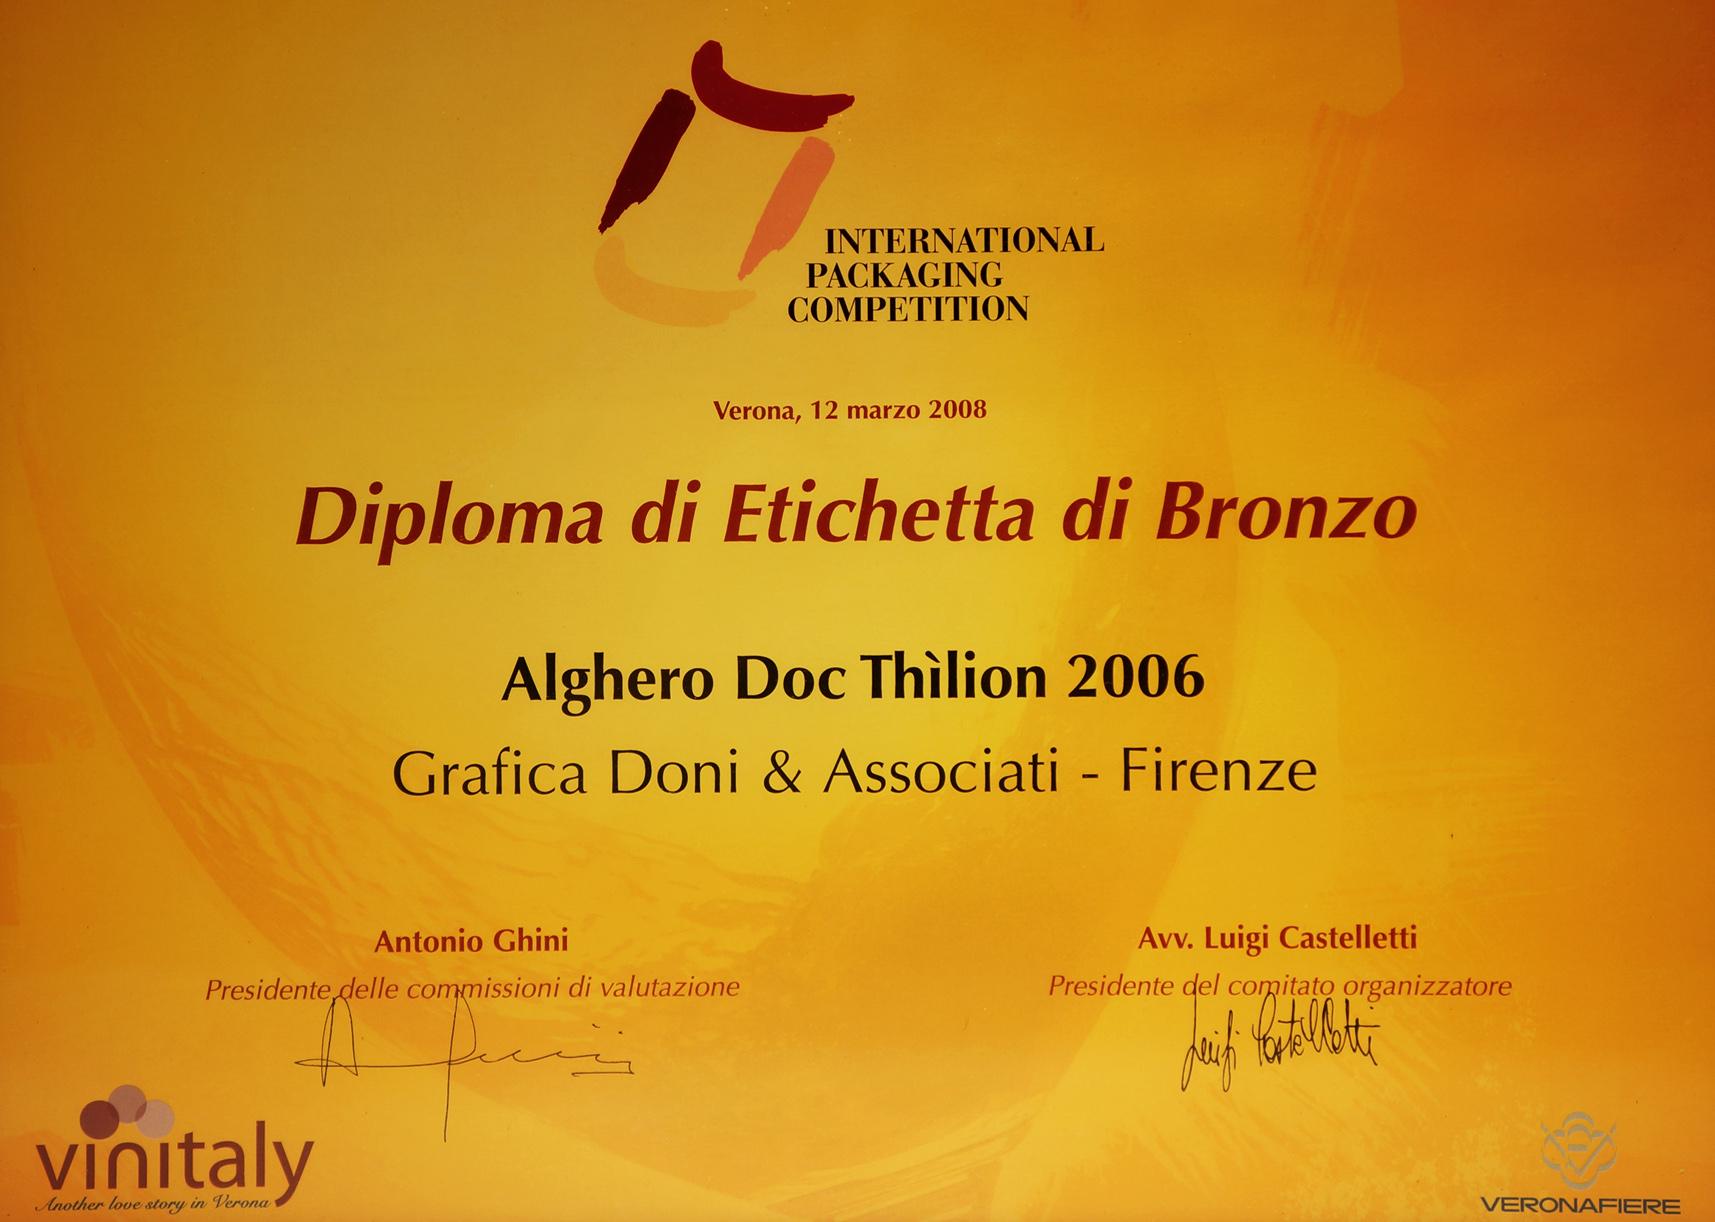 doni-etichetta-bronzo-sellaemosca-vinitaly-2008